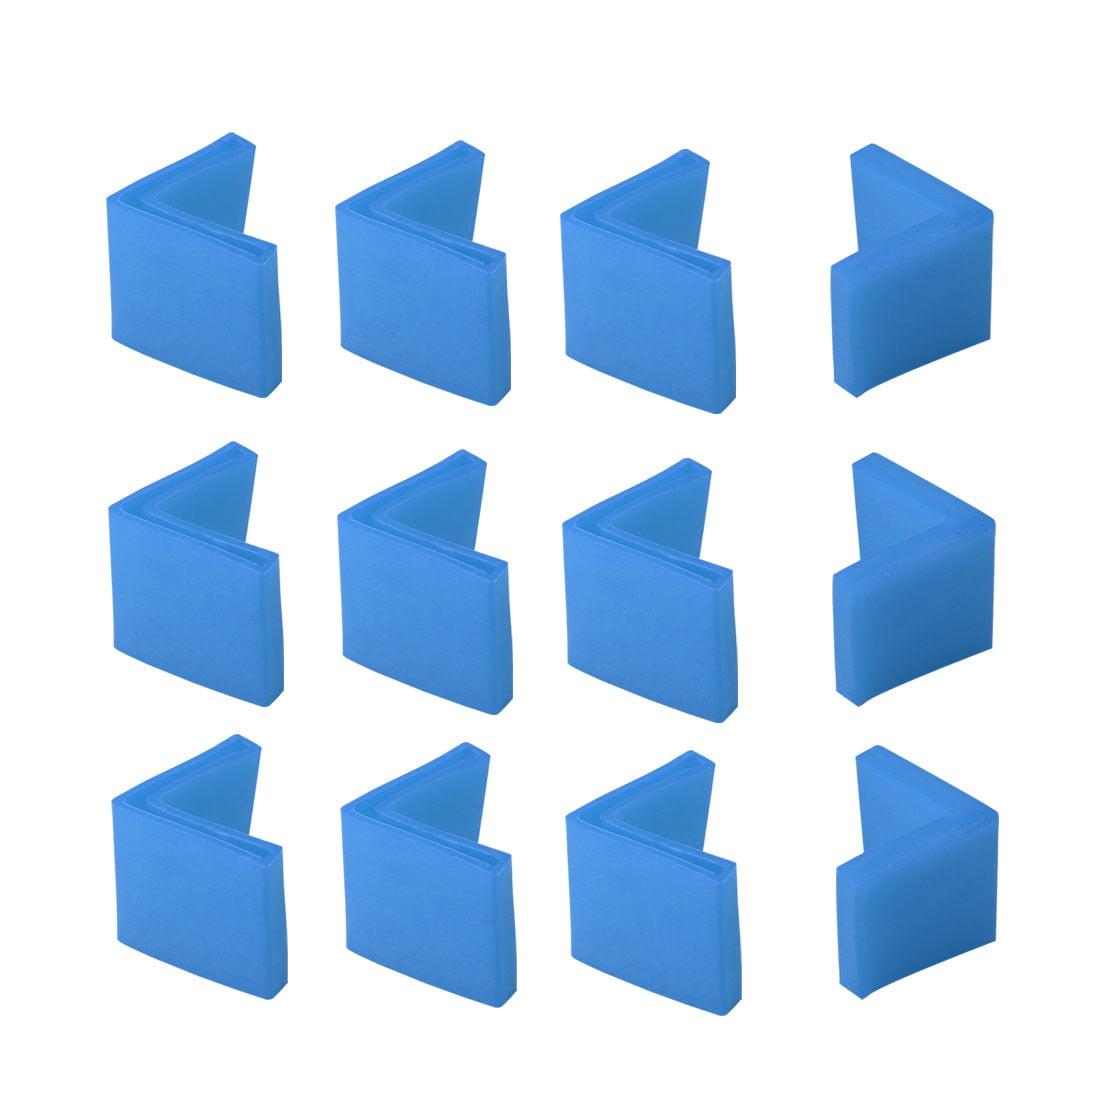 40mm x 40mm Angle Iron Foot Pad L Shaped PVC Leg Cap Floor Protector Blue 12 Pcs - image 7 de 7